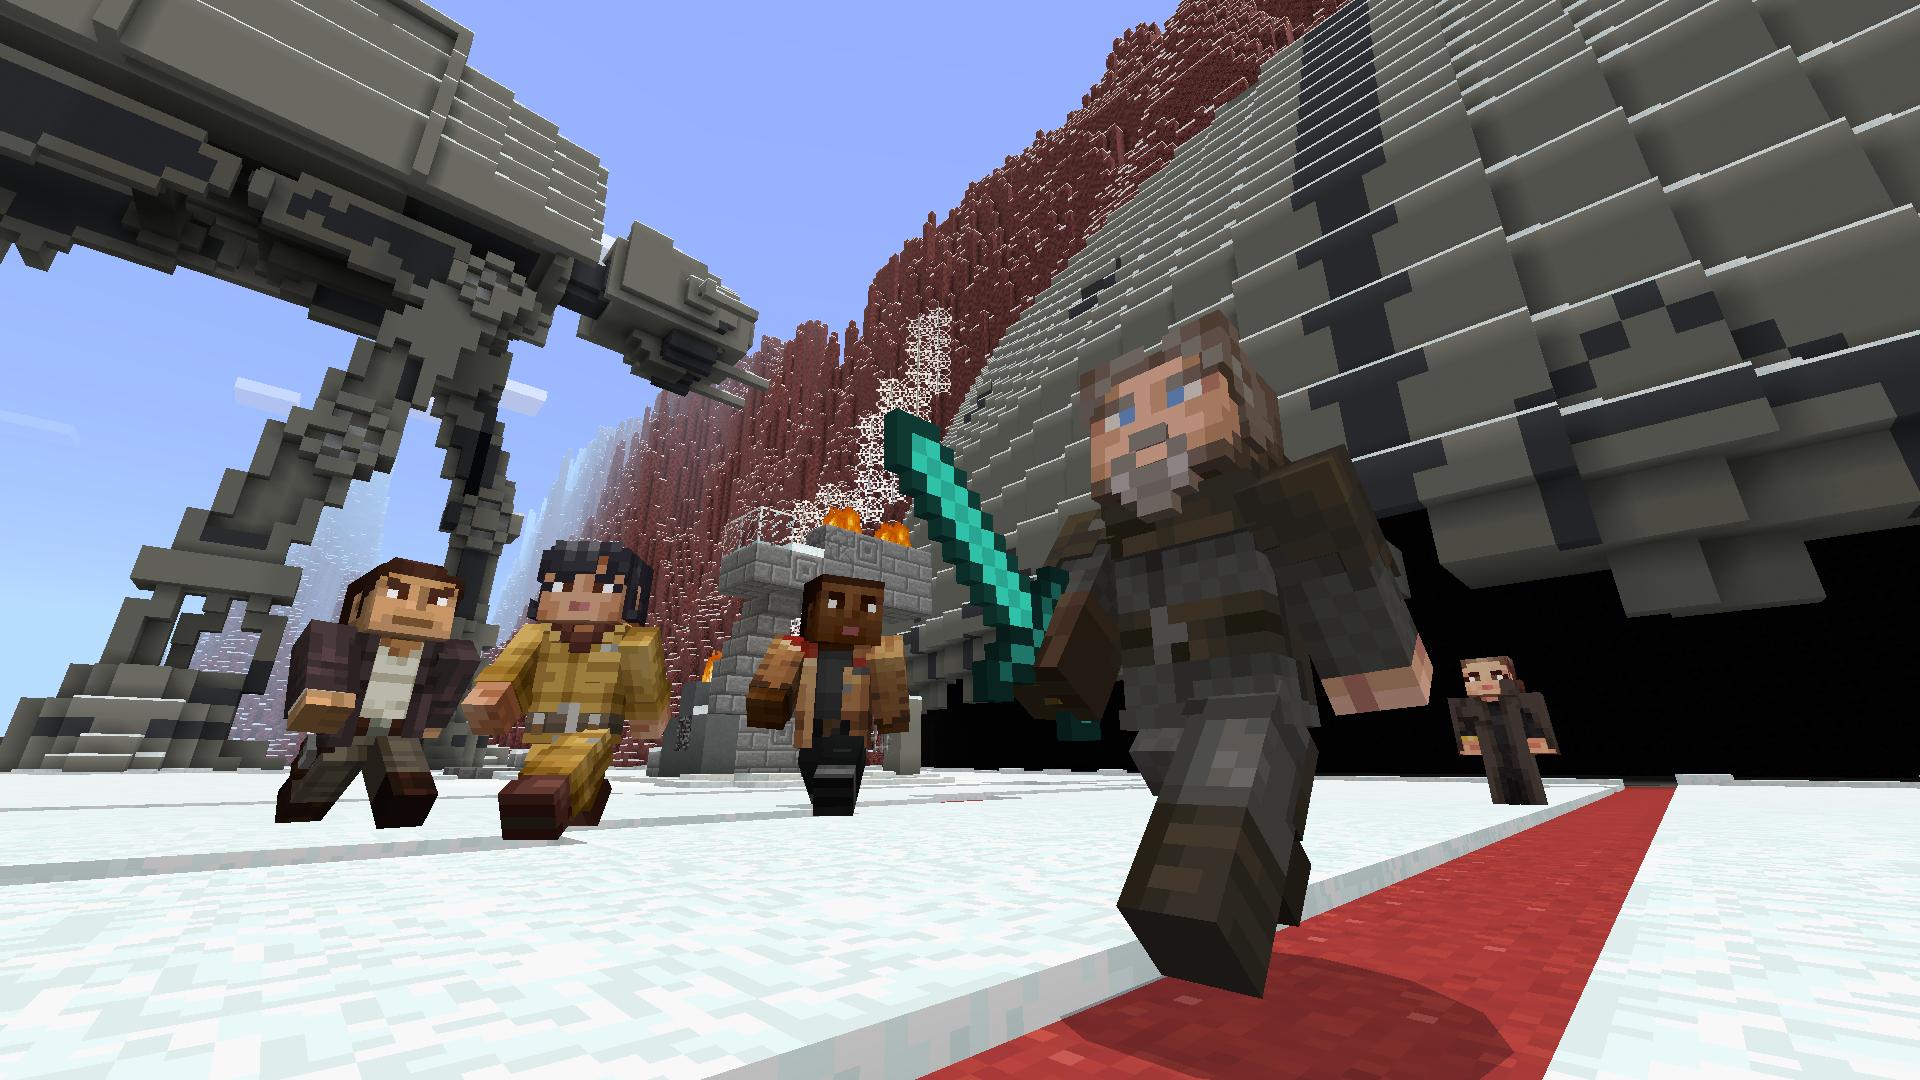 Minecraft S Star Wars Sequel Skin Pack Adds Rey Finn And Kylo Ren Venturebeat